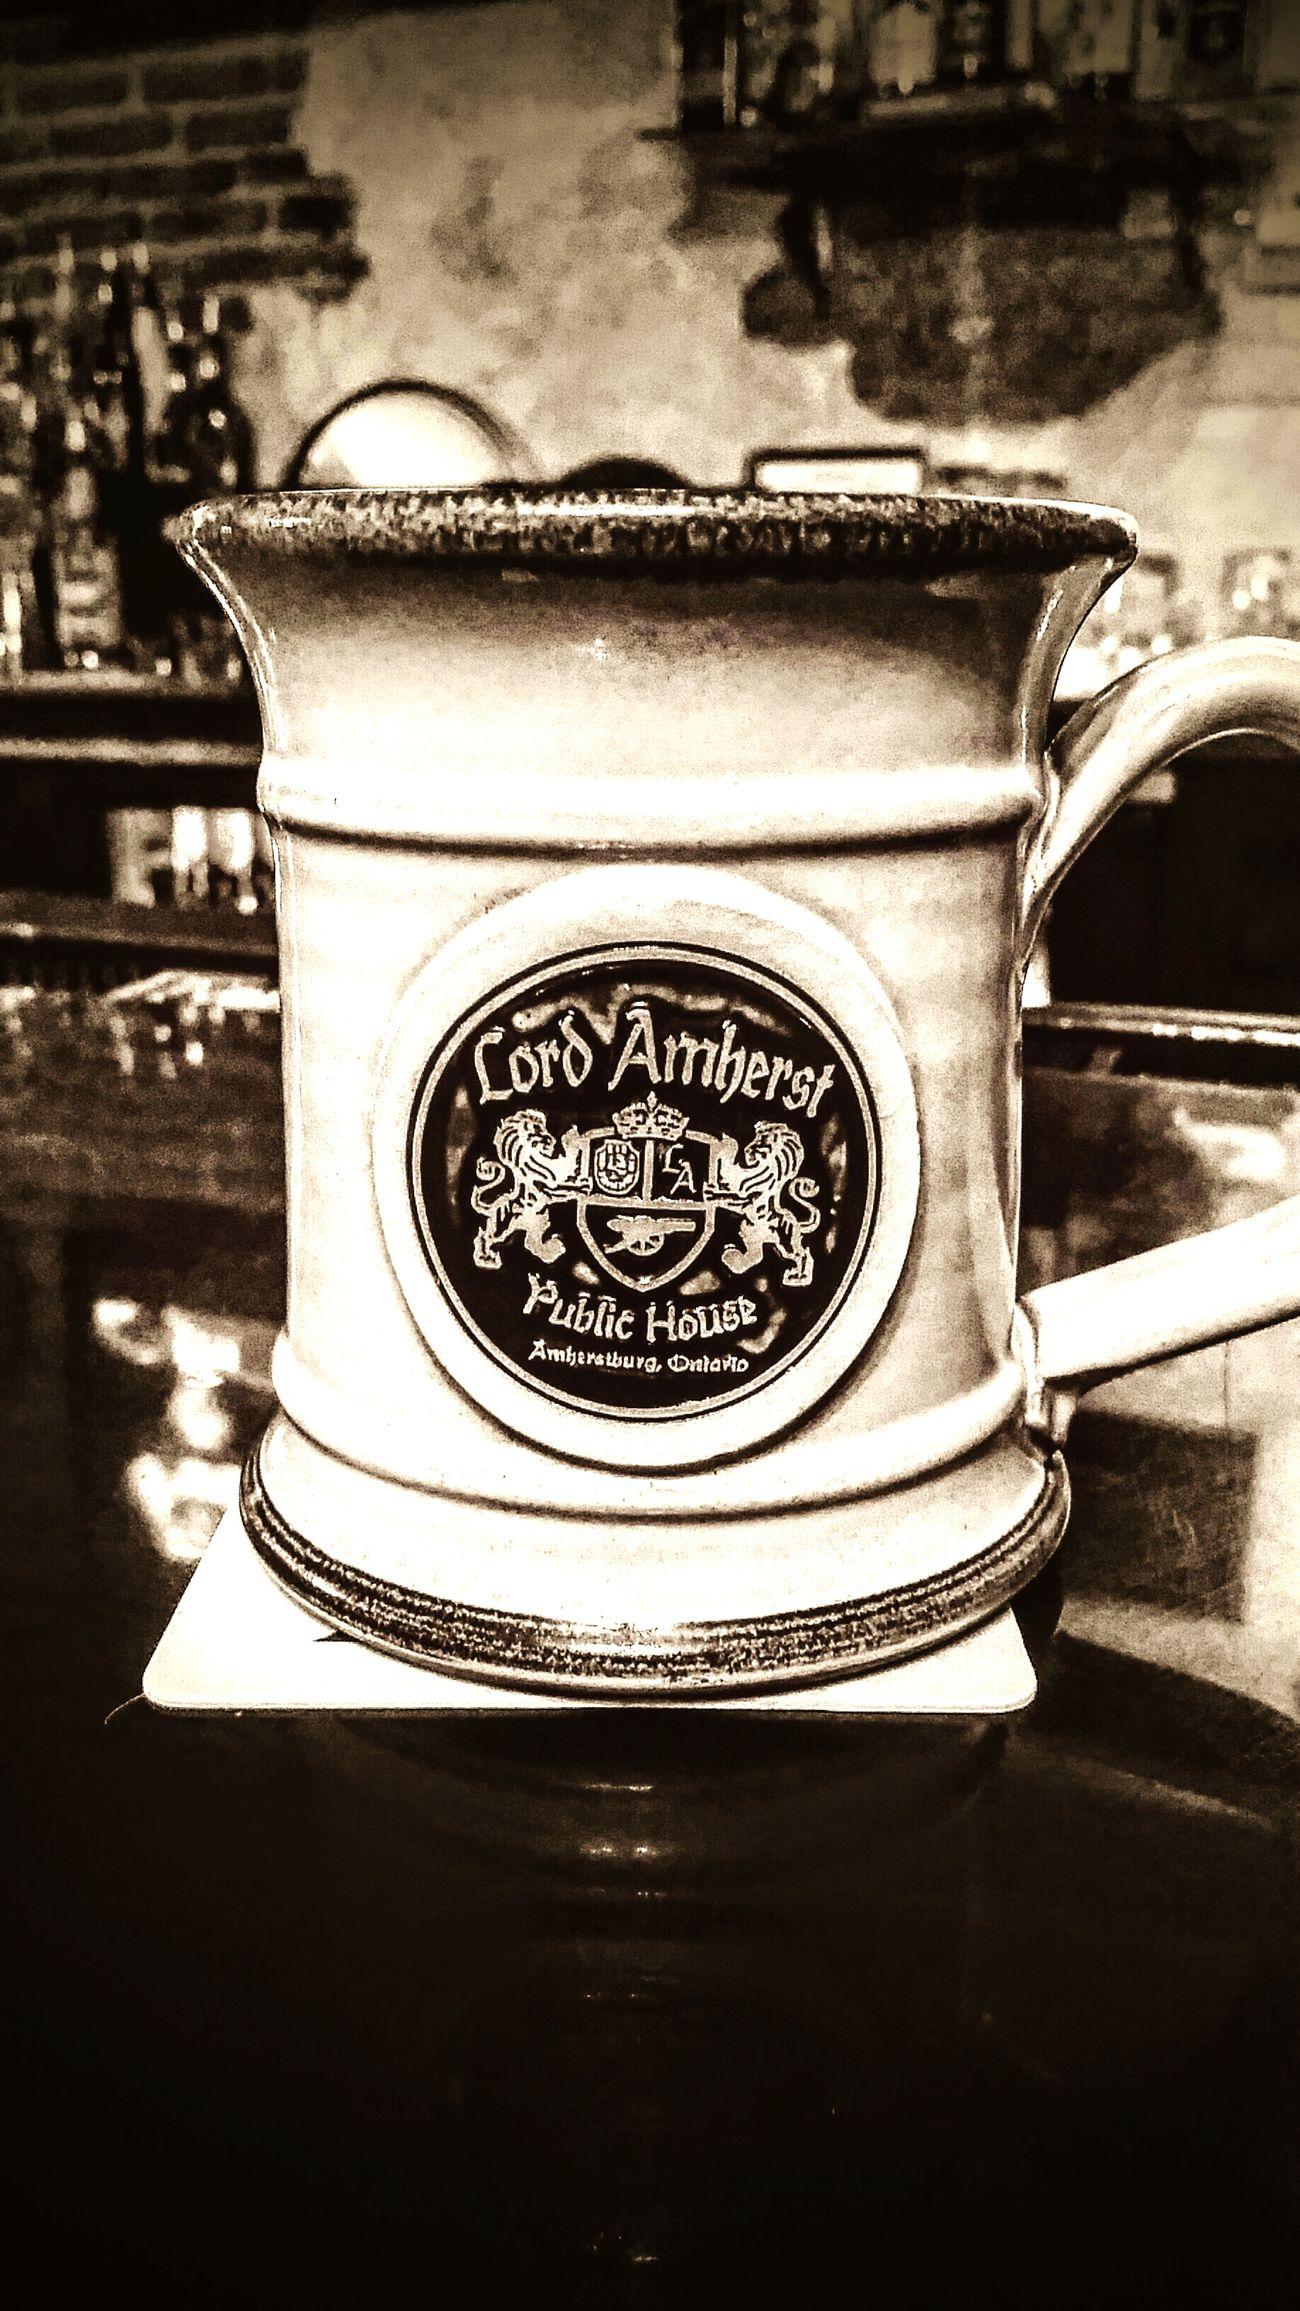 Pub Beermug Amherstburg I ❤ Beer Beer Anyone?